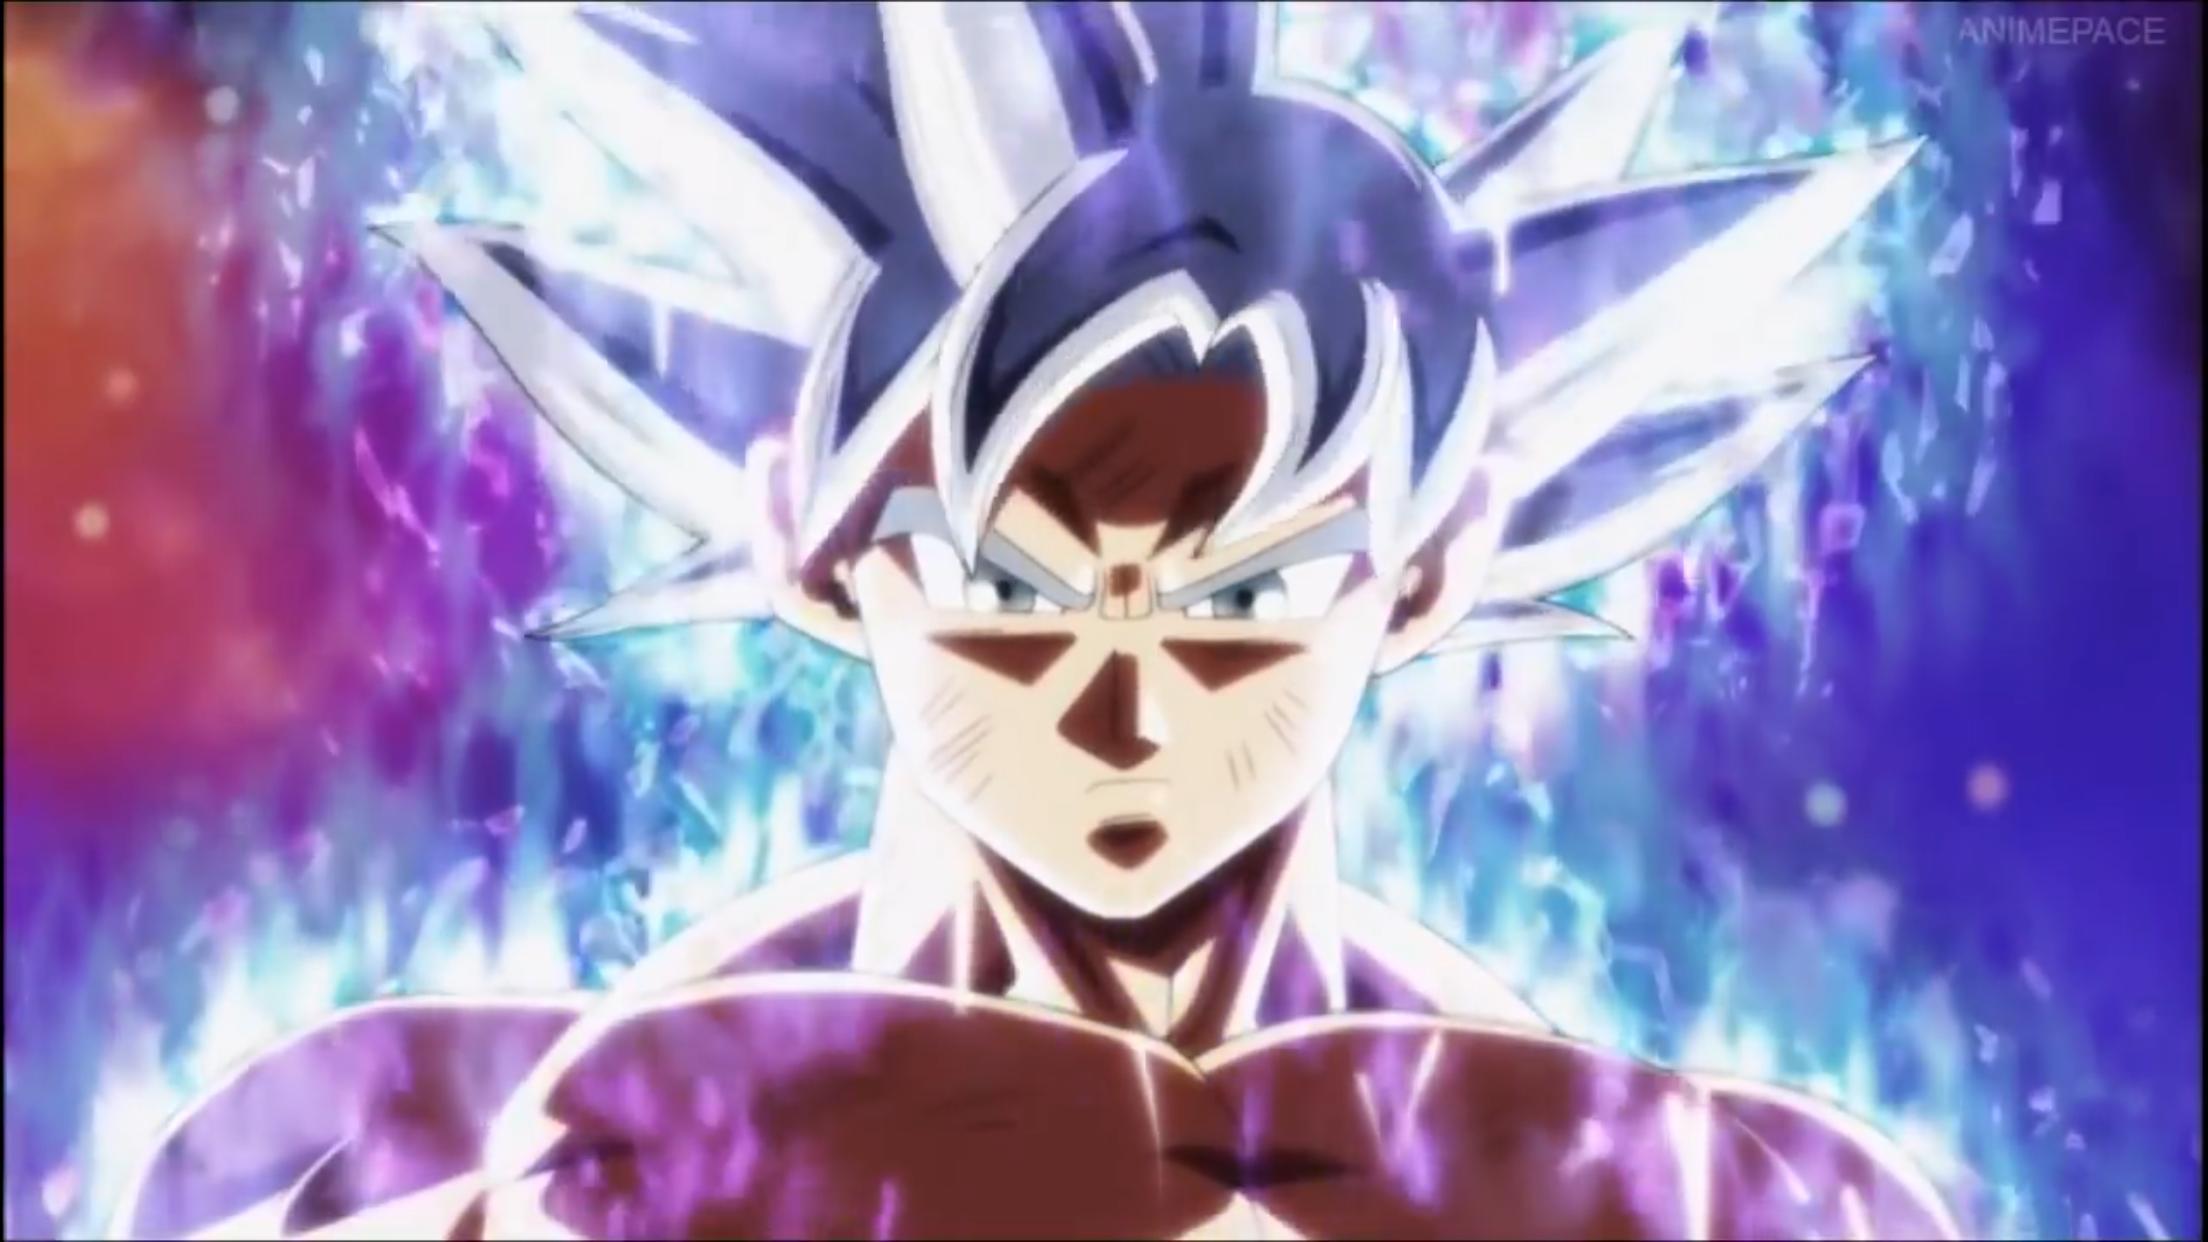 Mui Goku Anime Anime Dragon Ball Super Dragon Ball Super